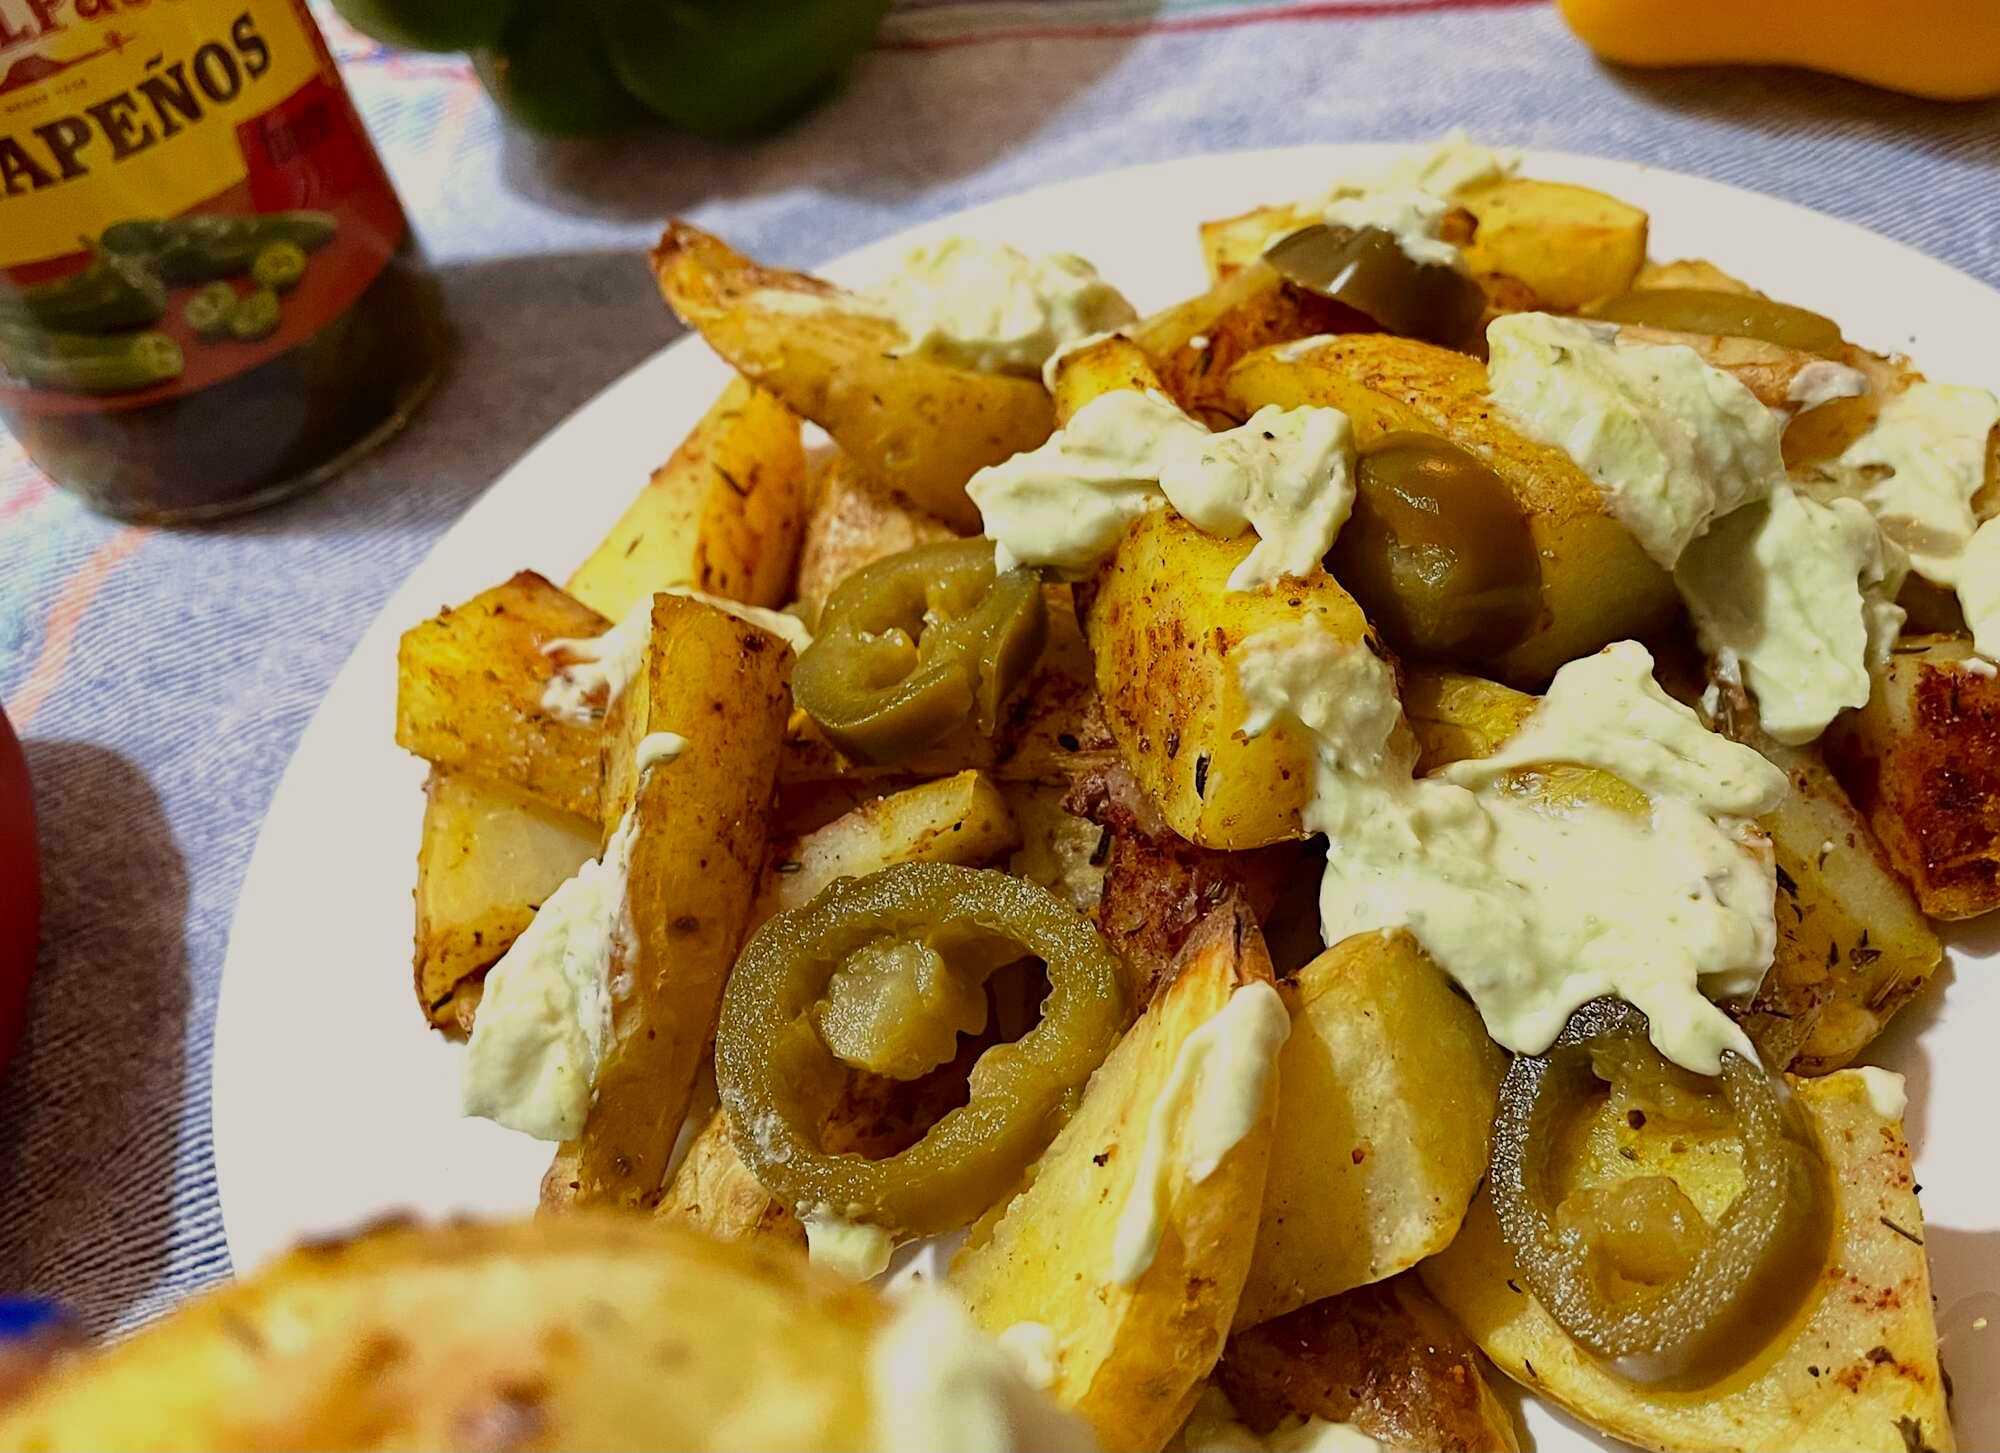 Présenté sur une assiette, les pommes de terre sont coupées en gros morceaux. Le piment Jalapeno et le St. Moret agrémentent le tout